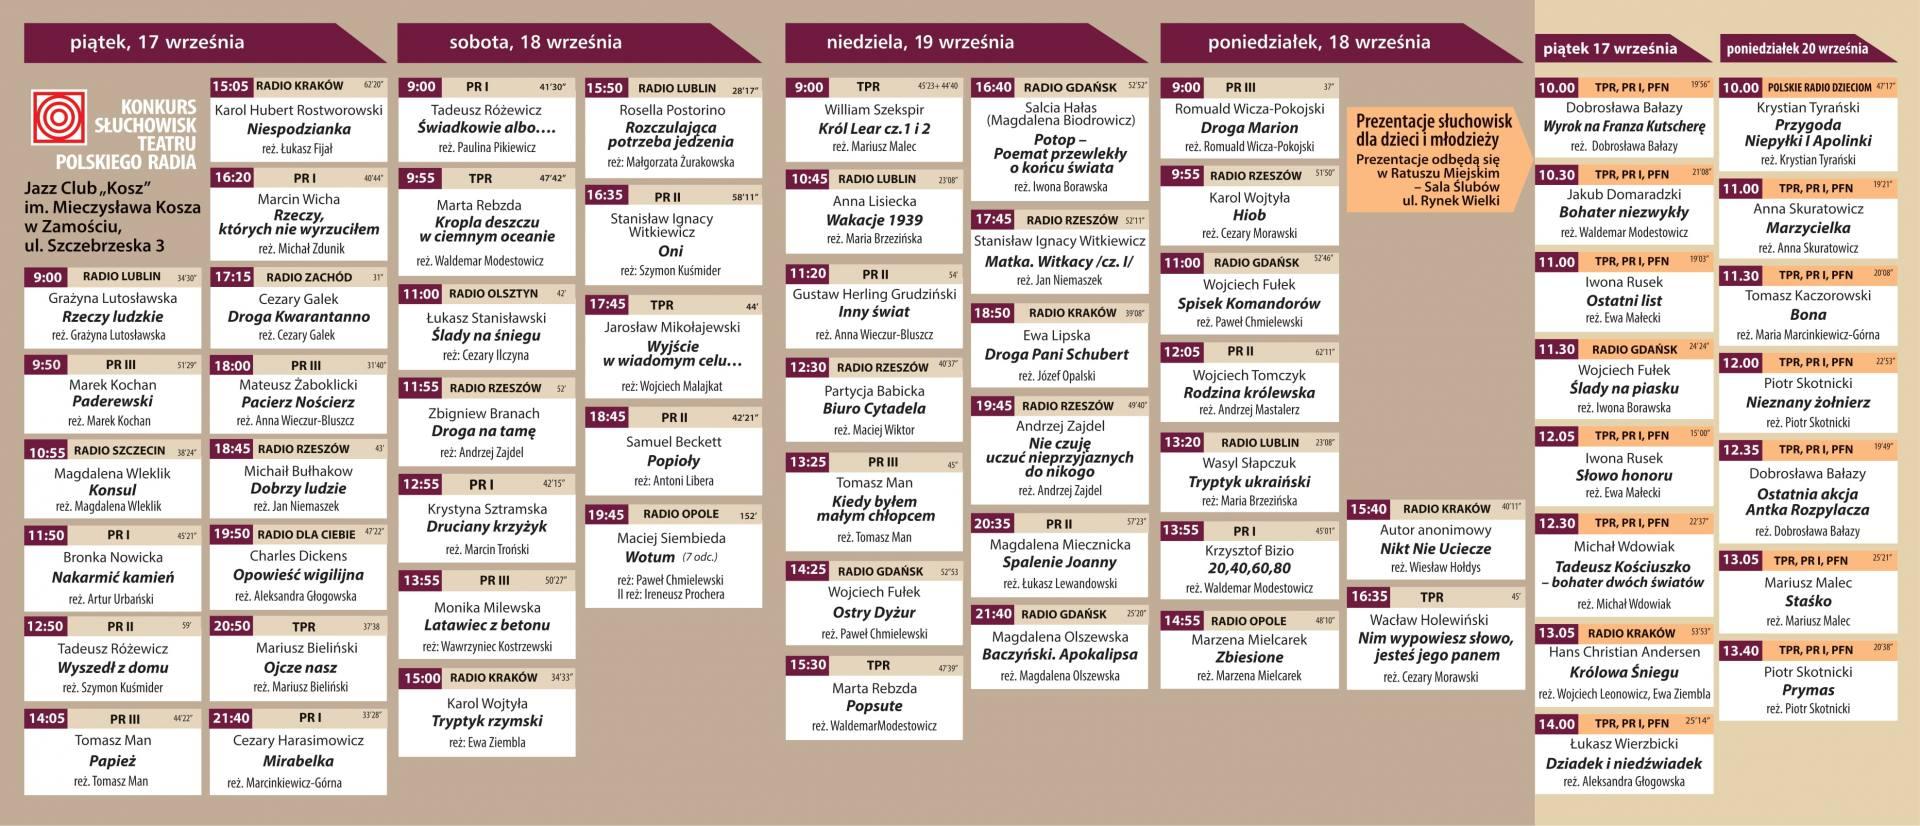 program 2t spektakle plus sluchowiska 2 Festiwal Dwa Teatry zagości w Zamościu. Co w programie wydarzenia?